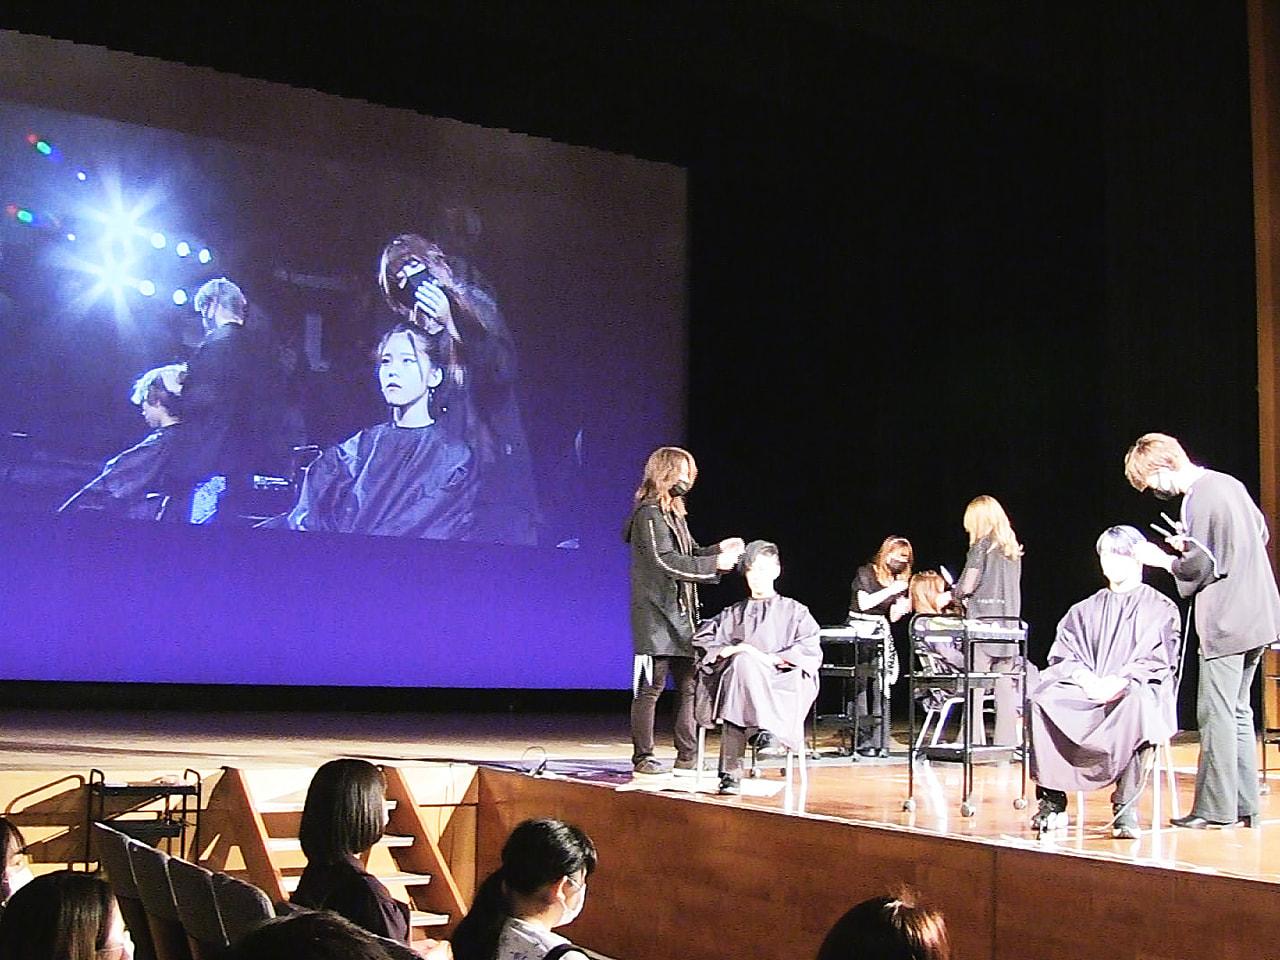 岐阜市の総合美容専門学校ベルフォートアカデミーオブビューティの学園祭が2年ぶりに...